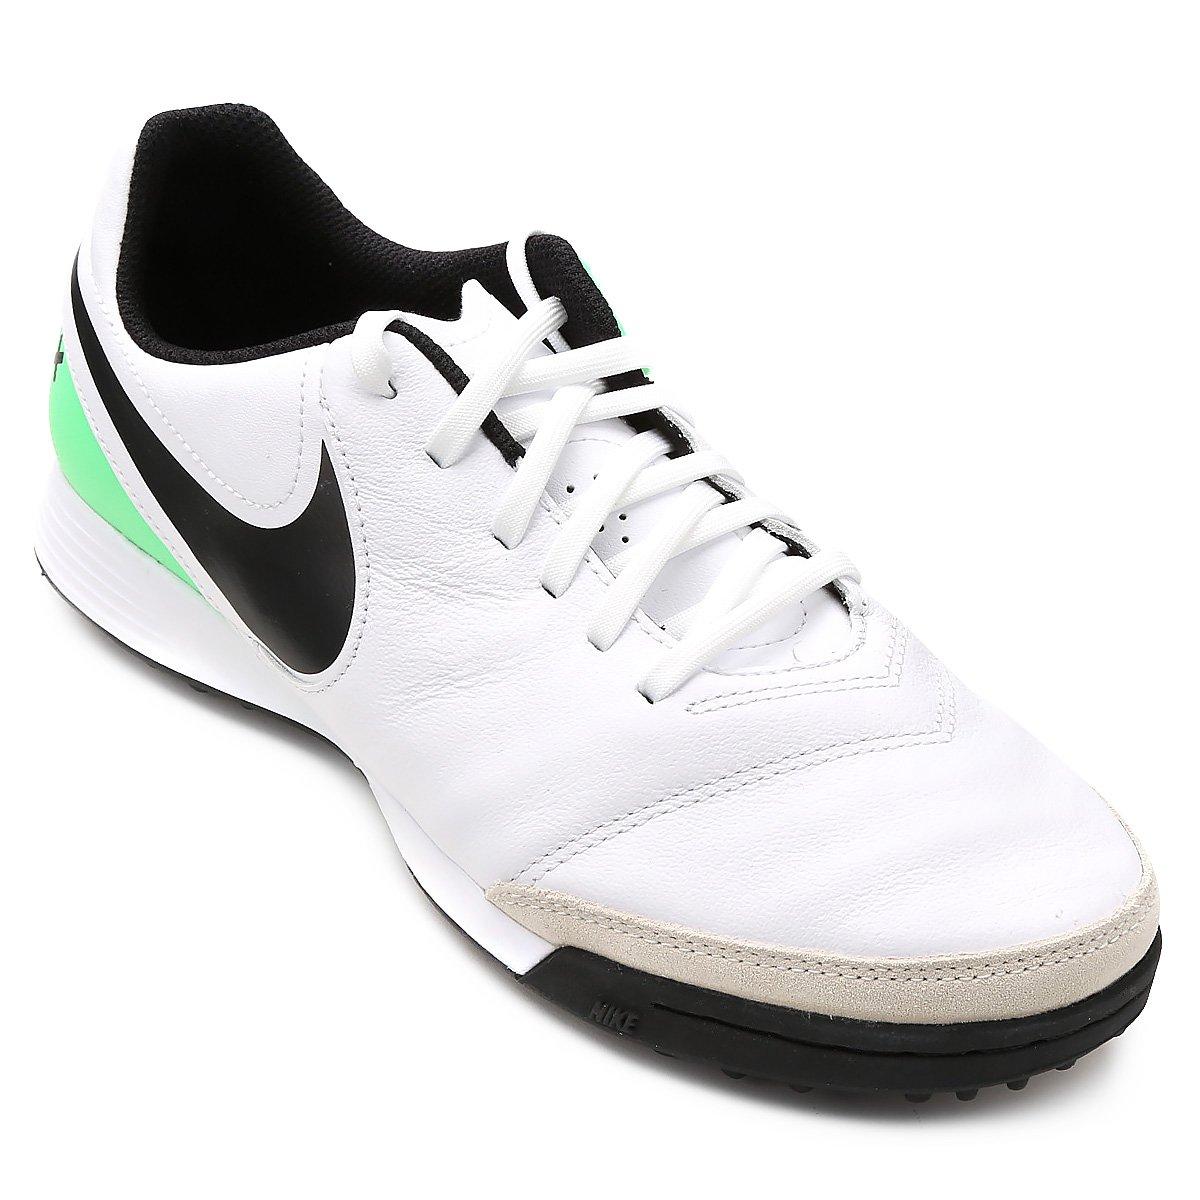 Nike 2 TF e Chuteira Branco Society Leather Genio Masculina Verde Tiempo  S5SIfq ... 7f22144c00d0f